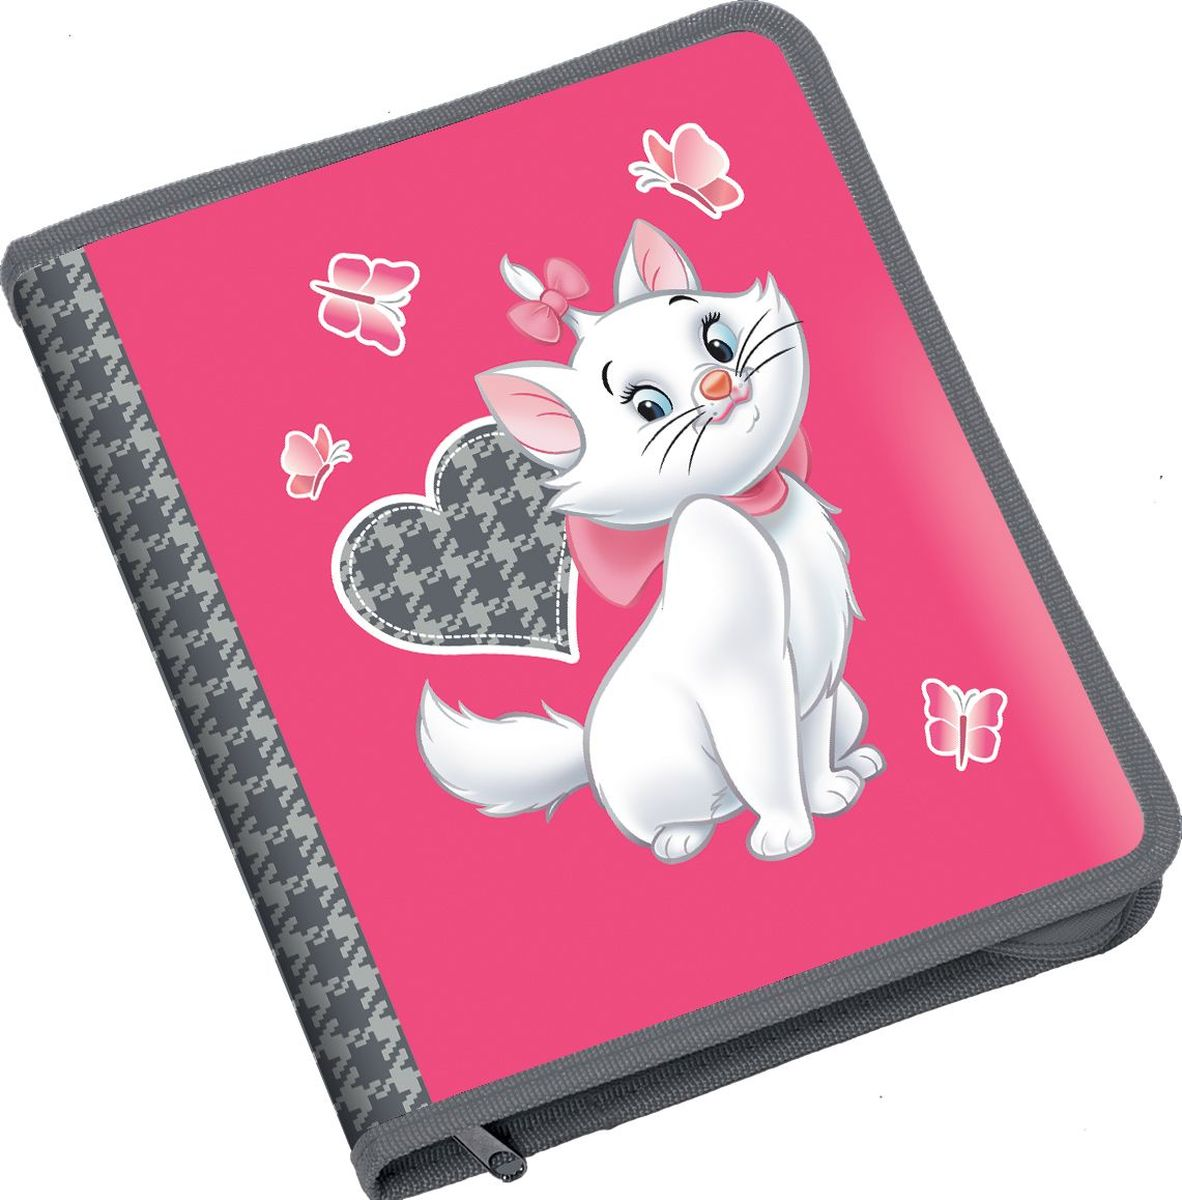 Disney Папка Cat Marie формат B539707Пластиковая папка на молнии Disney Cat Marie формата B5 защищает тетради, рисунки и документы от повреждений, пыли и влаги. Удобна для транспортировки и передачи документов. Надежная застежка-молния обеспечивает легкий и быстрый доступ к бумагам.